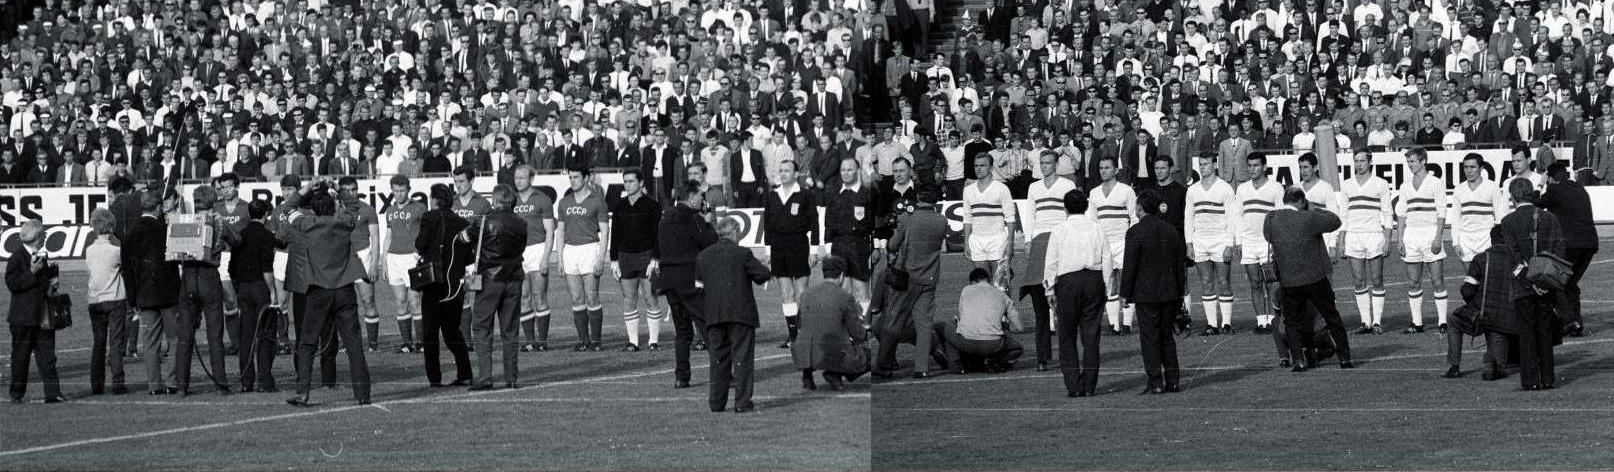 Украинцы на Евро. 1968 и 1972. Владимир Капличный - изображение 6